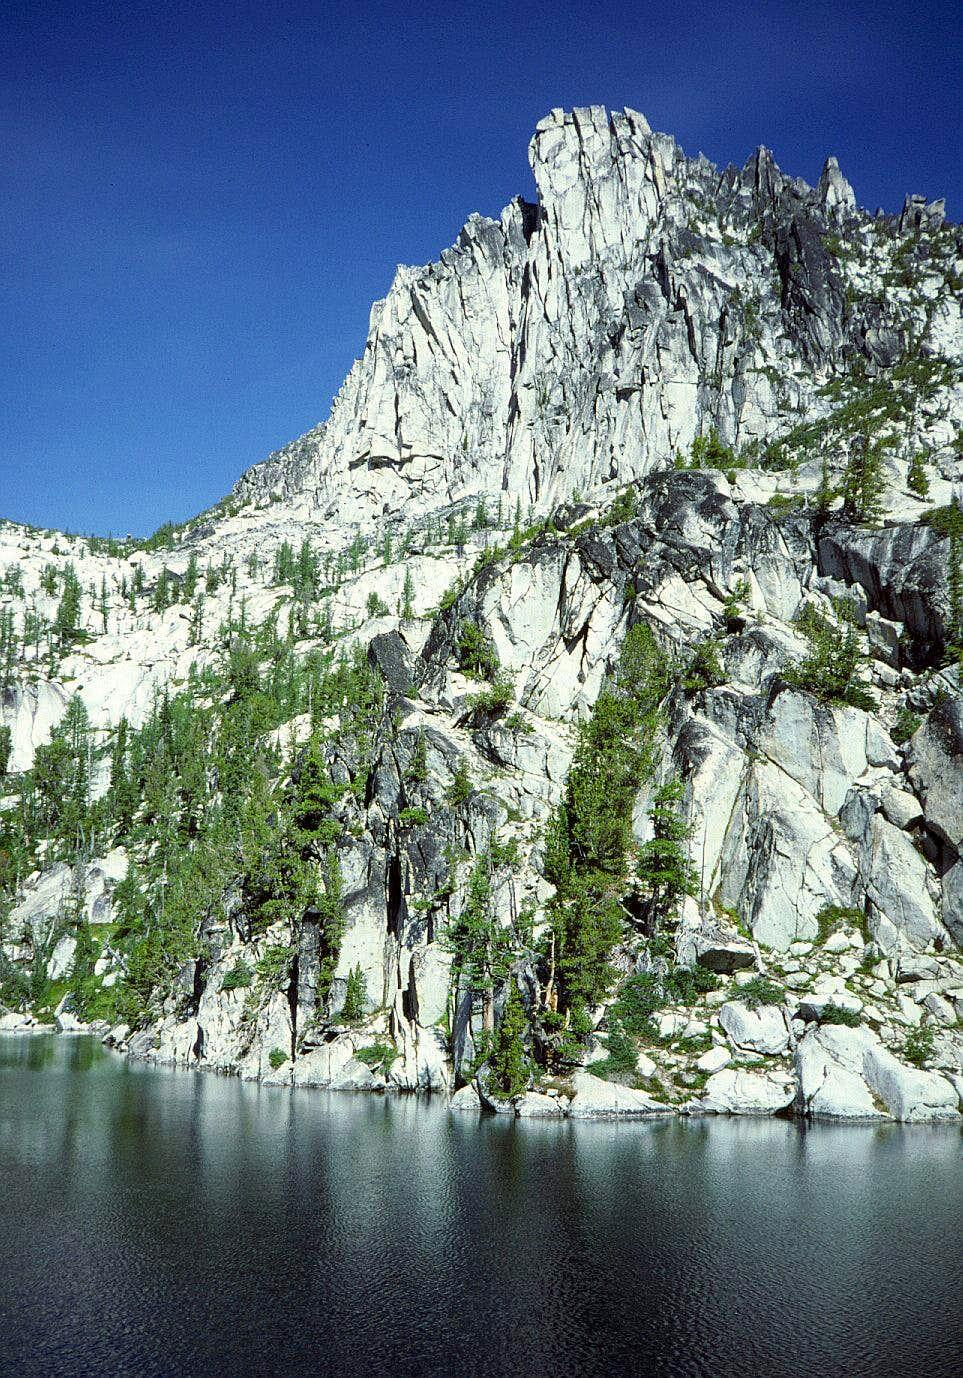 08 Prusik Peak over Lake Viviane